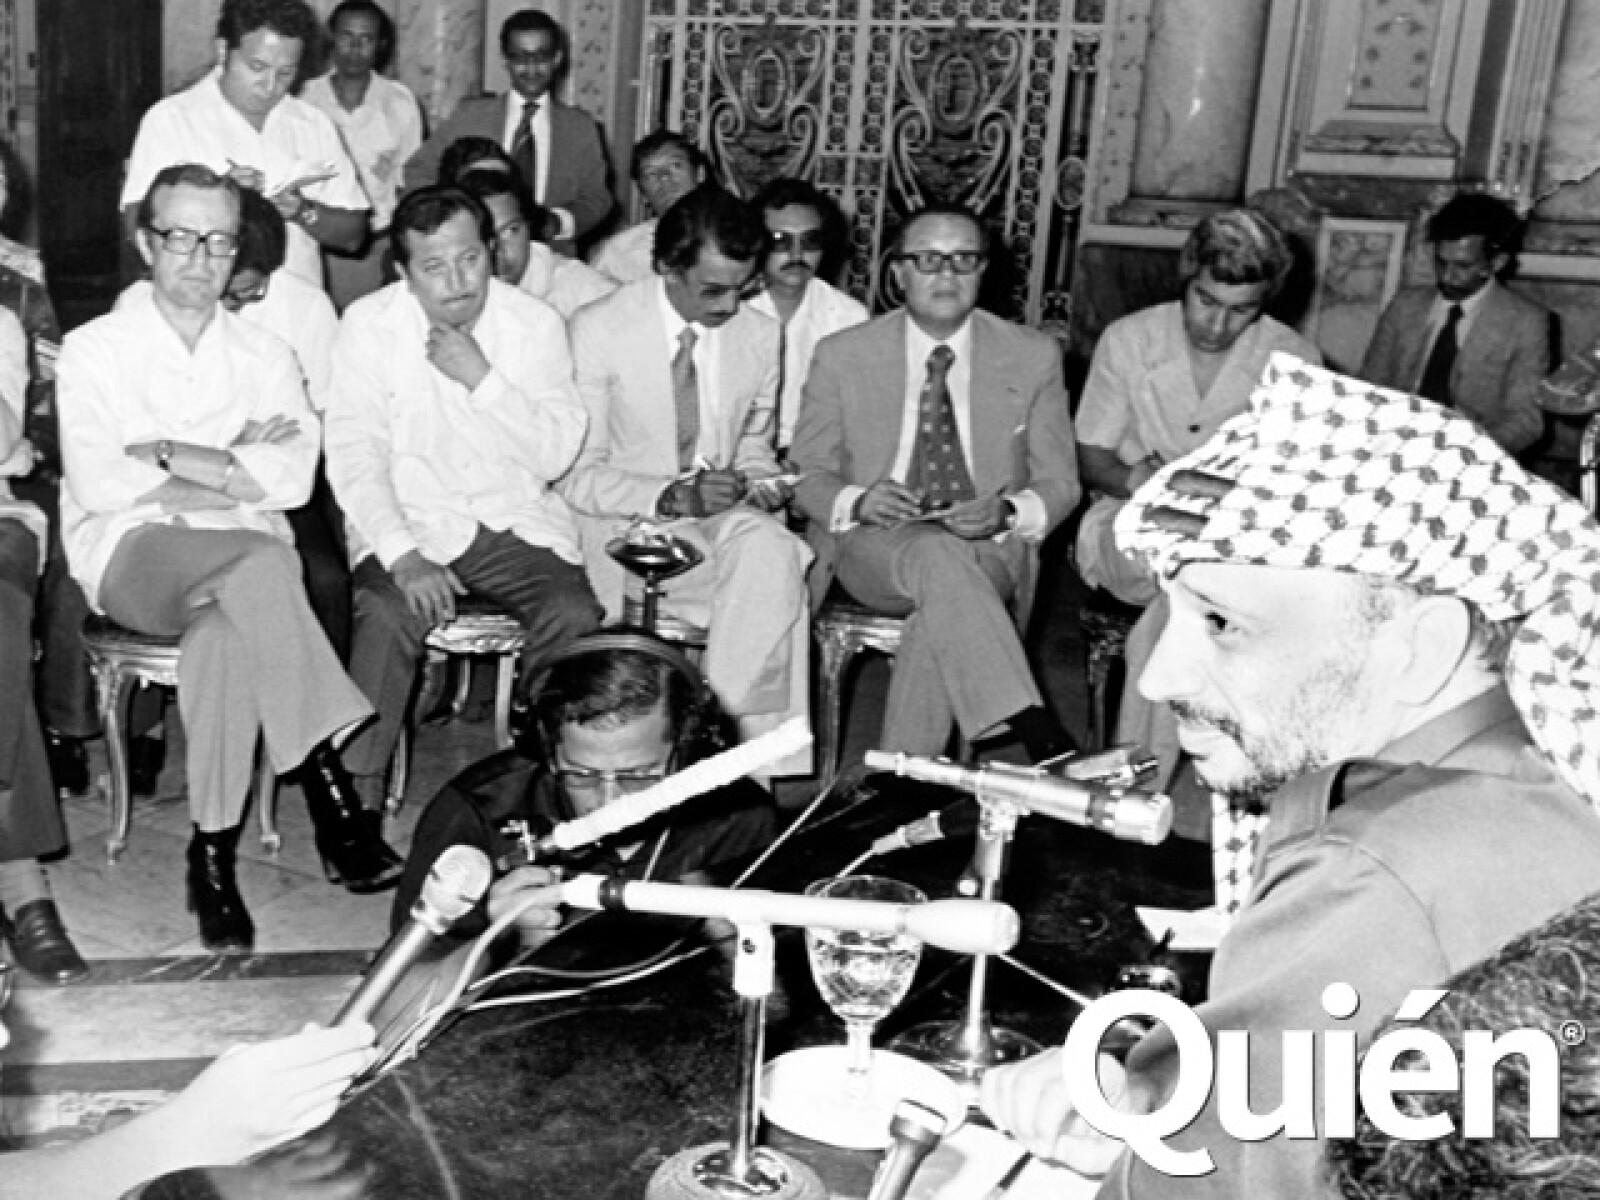 Durante una rueda de prensa con Yasser Arafat.